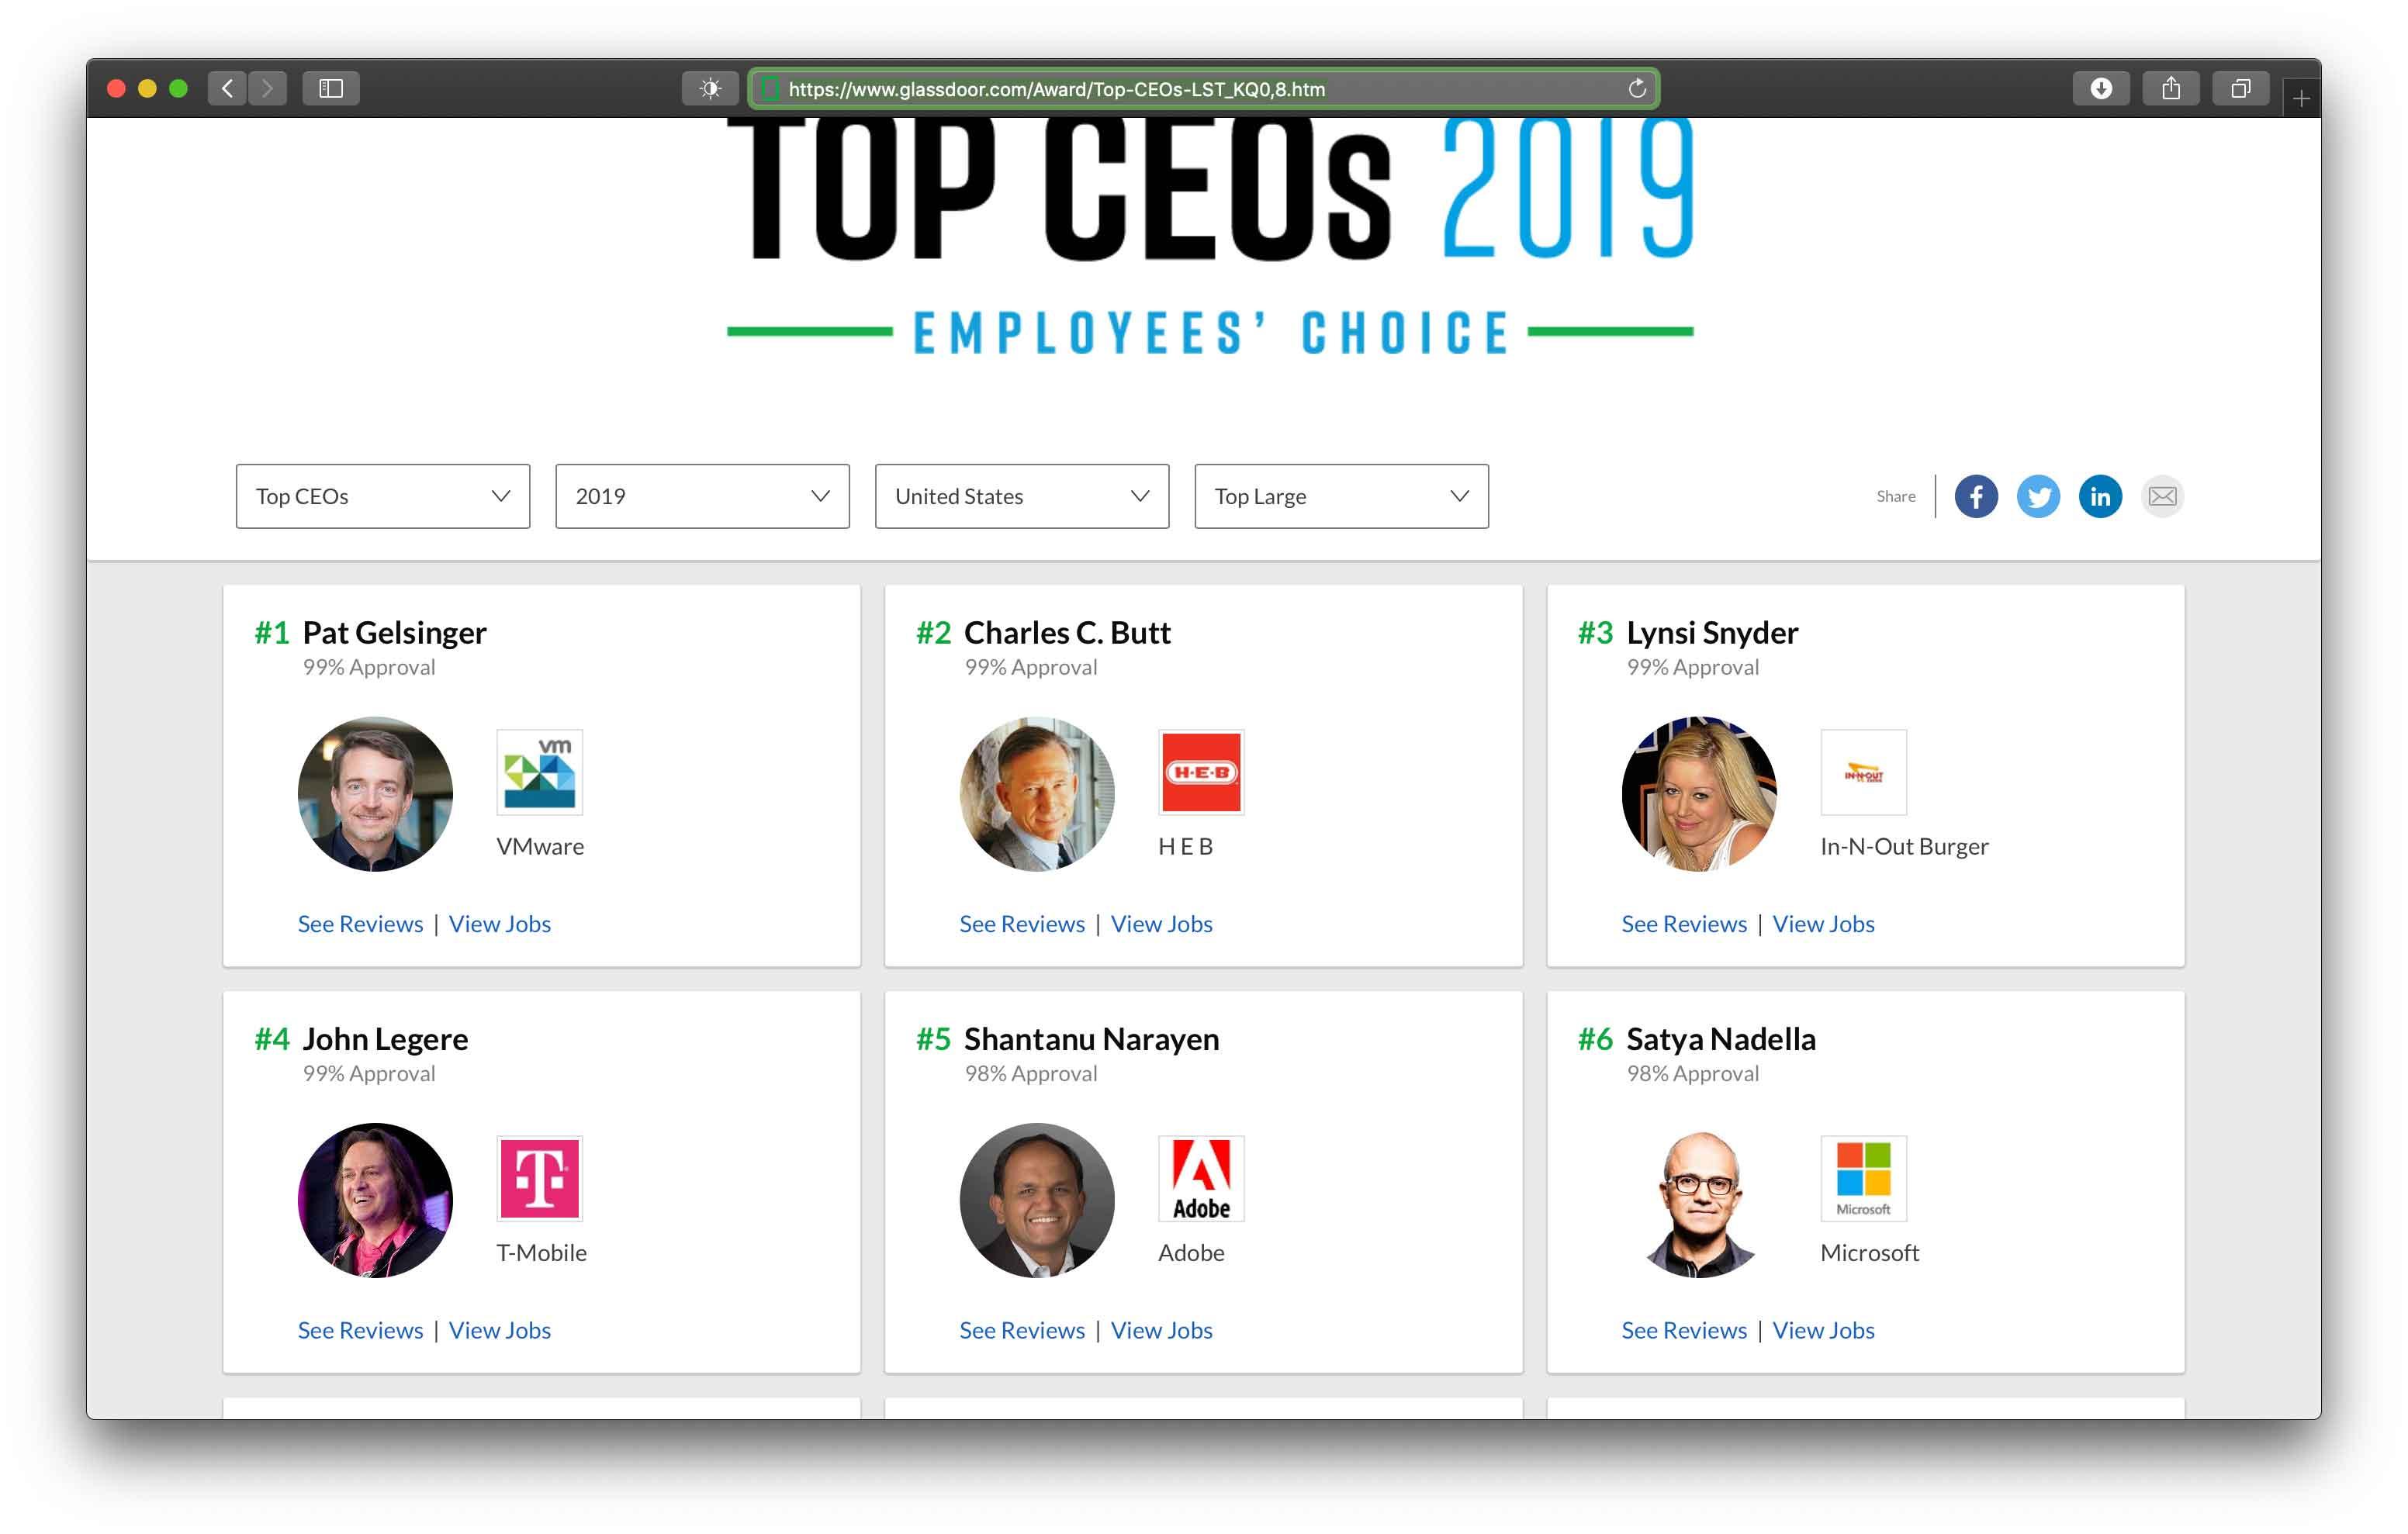 Tom Cook in salita nell'annuale classifica dei migliori CEO secondo i dipendenti